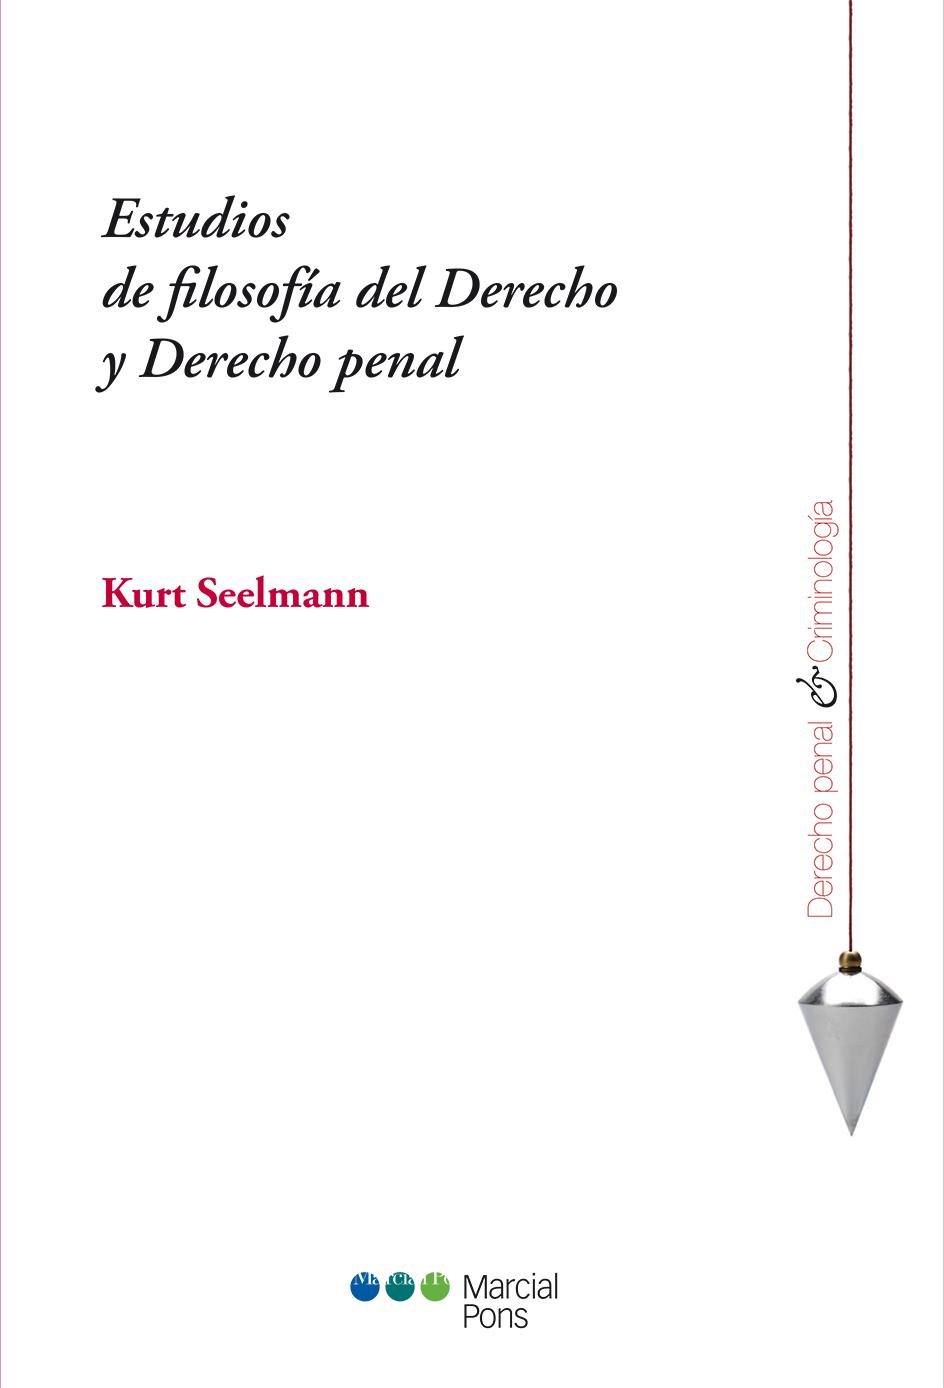 Portada del libro Estudios de filosofía del Derecho y Derecho penal